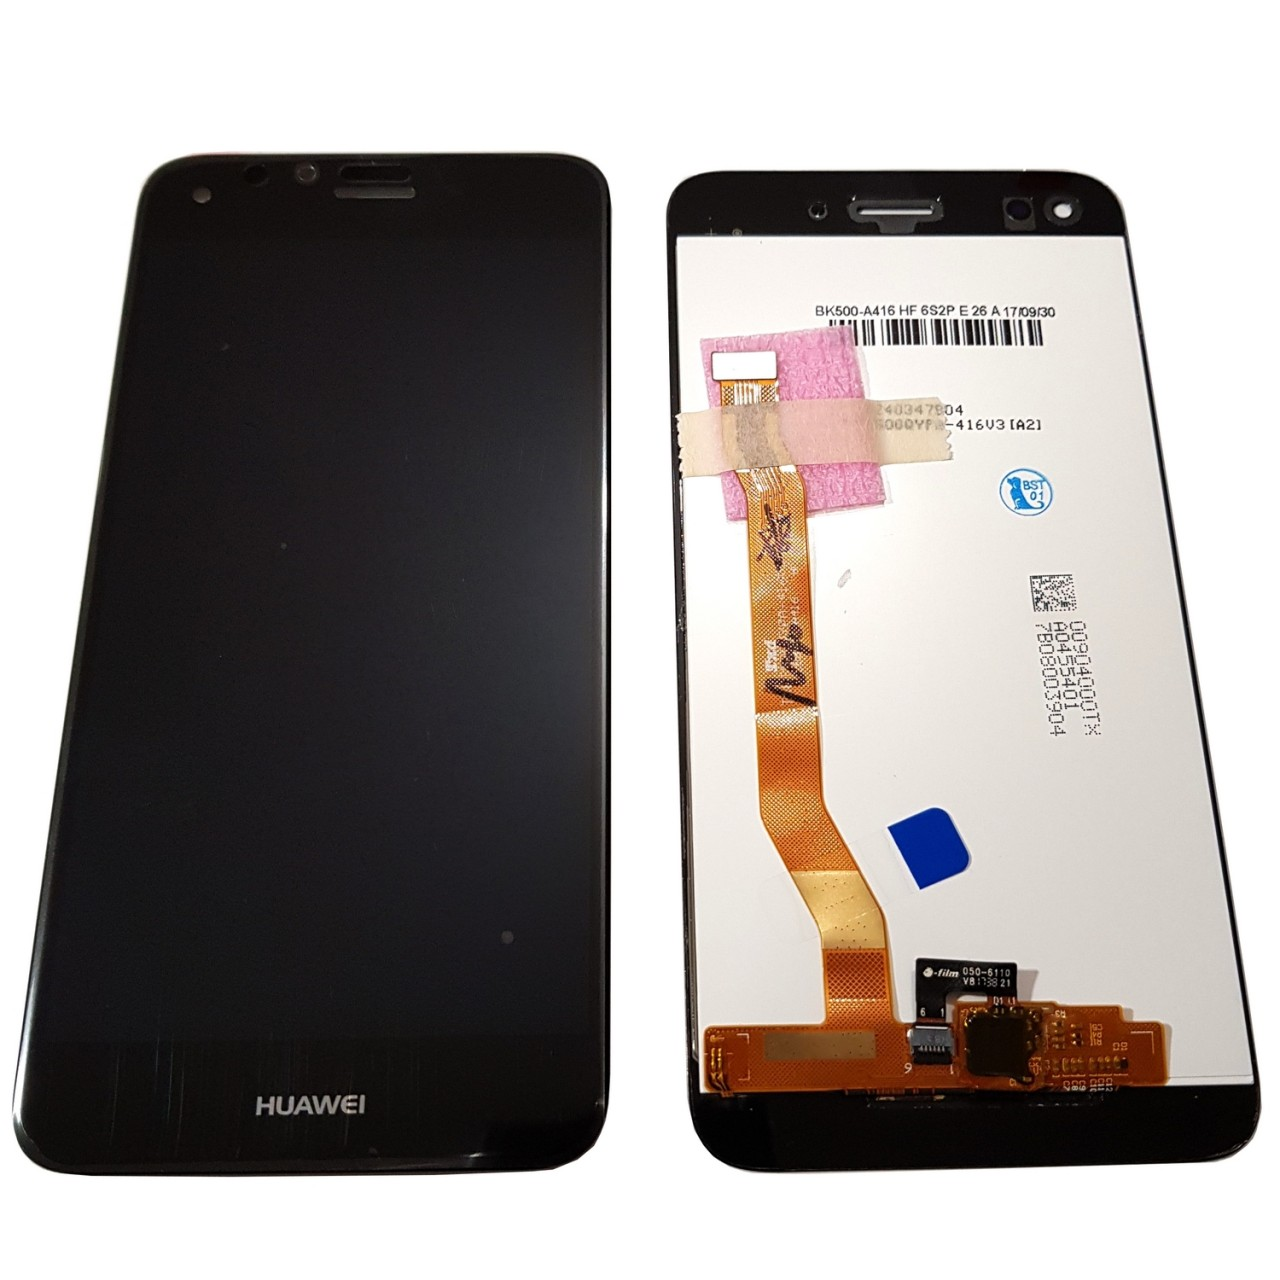 Display Huawei Enjoy 7 Black Negru imagine powerlaptop.ro 2021